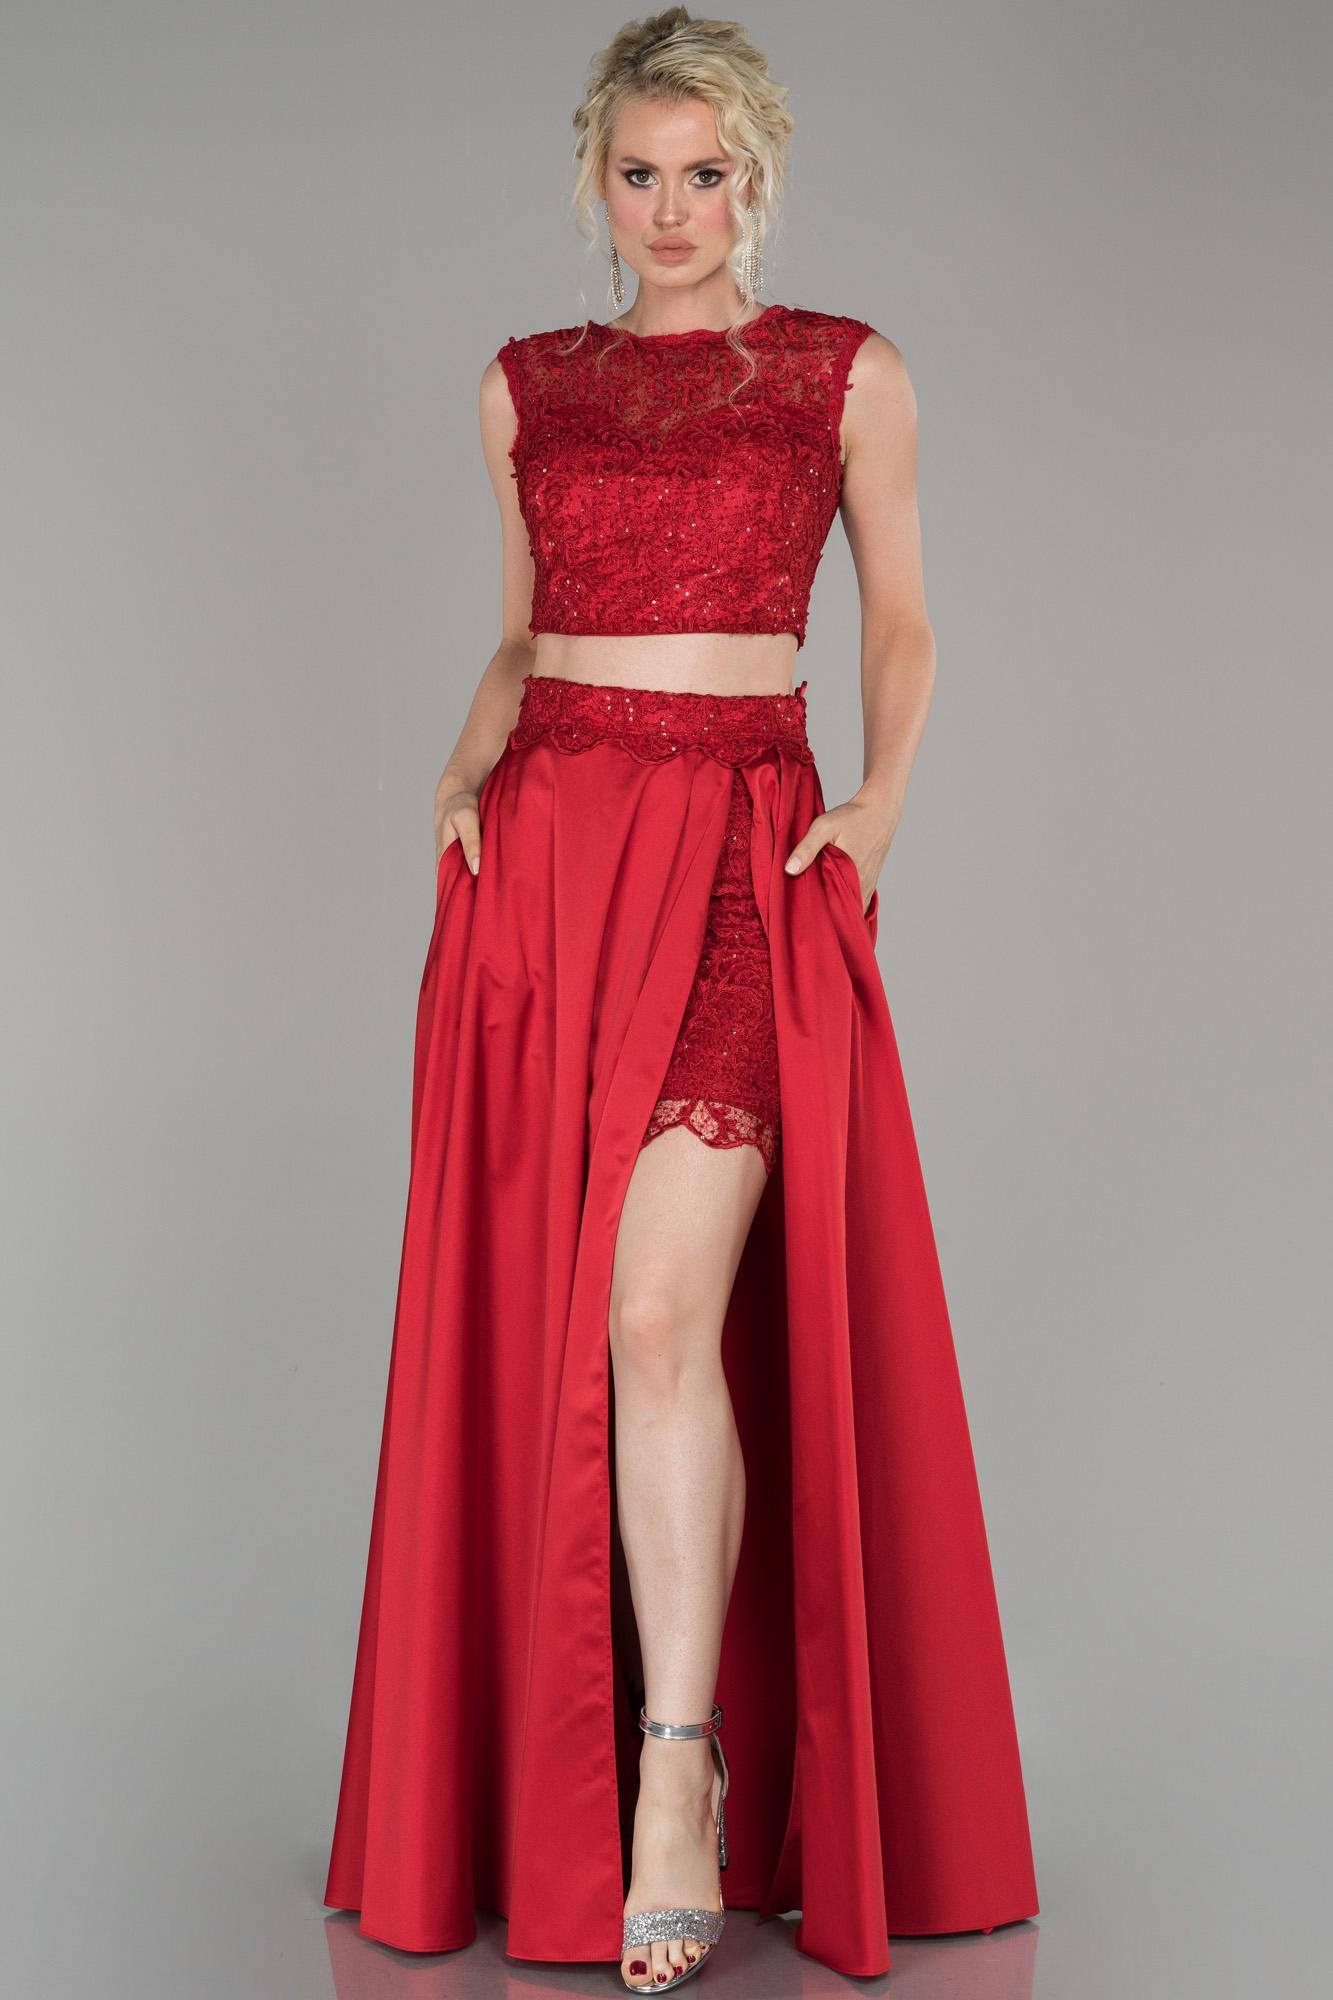 Kırmızı Bacak Dekolteli Güpürlü Saten Abiye Elbise